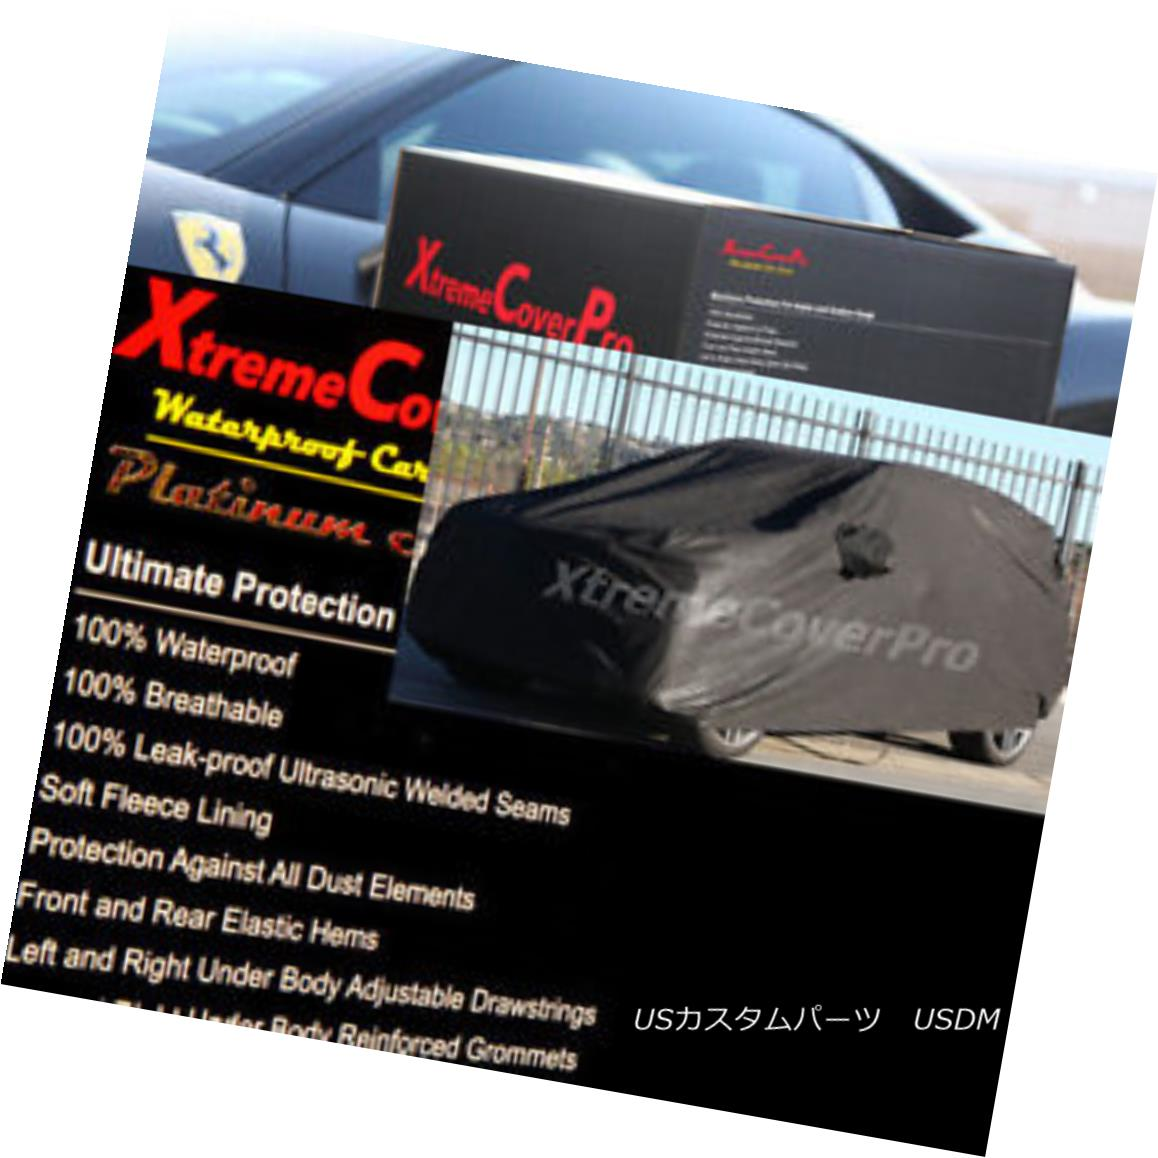 カーカバー 2001 Suzuki Grand Vitara XL-7 Waterproof Car Cover w/MirrorPocket 2001年スズキ・グランド・ヴィタラXL-7防水カーカバー付き(MirrorPocket)